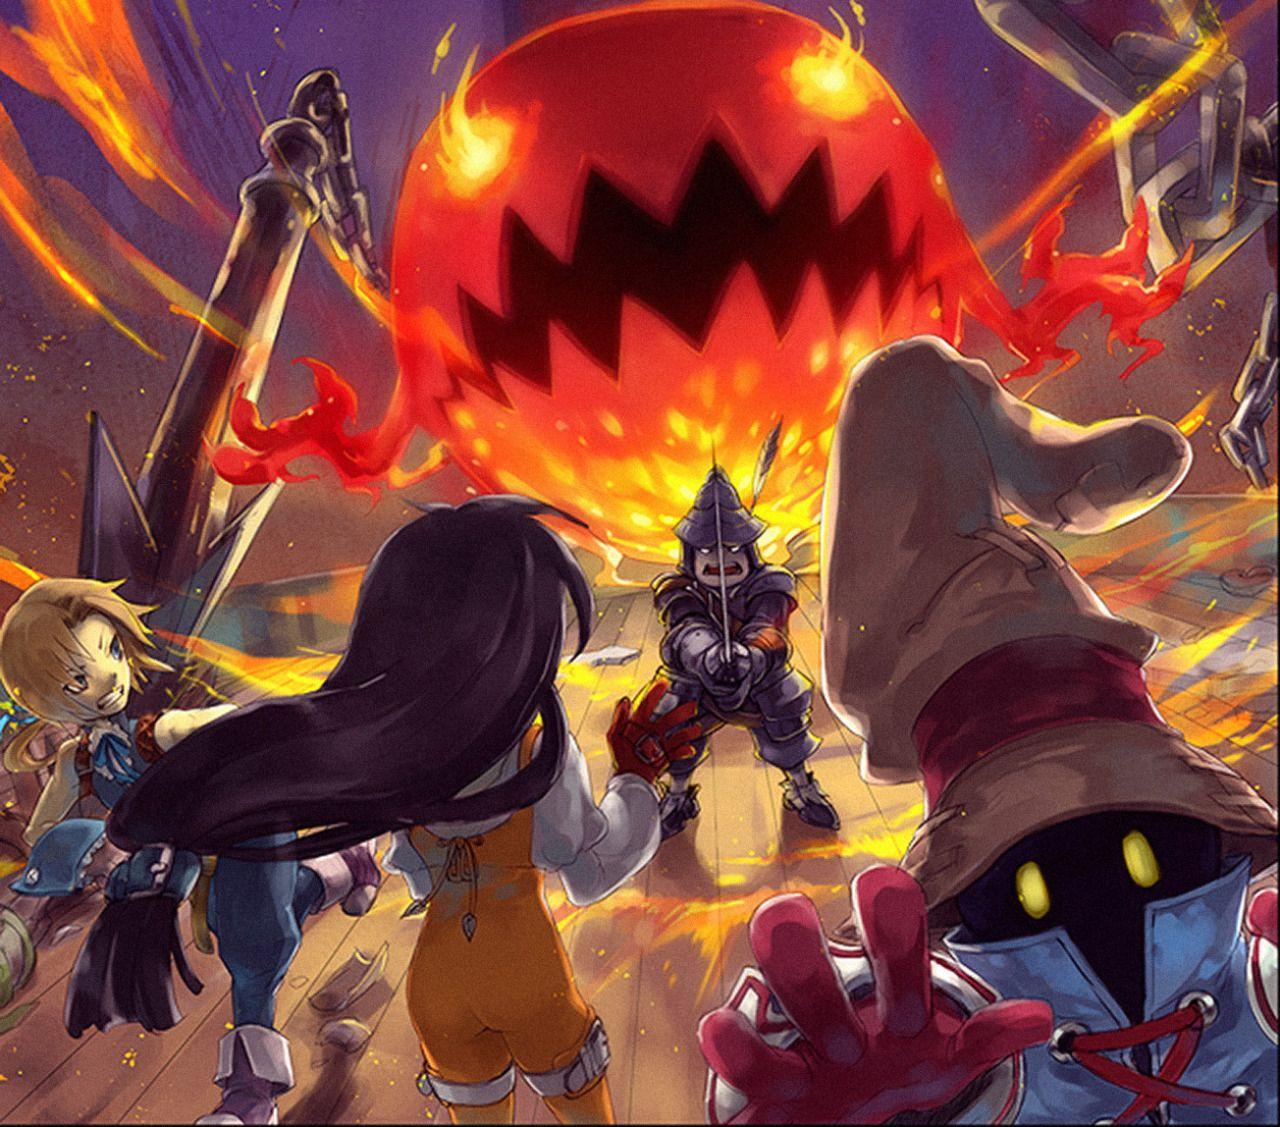 Pin by Aeroga on Final Fantasy IX Final fantasy ix